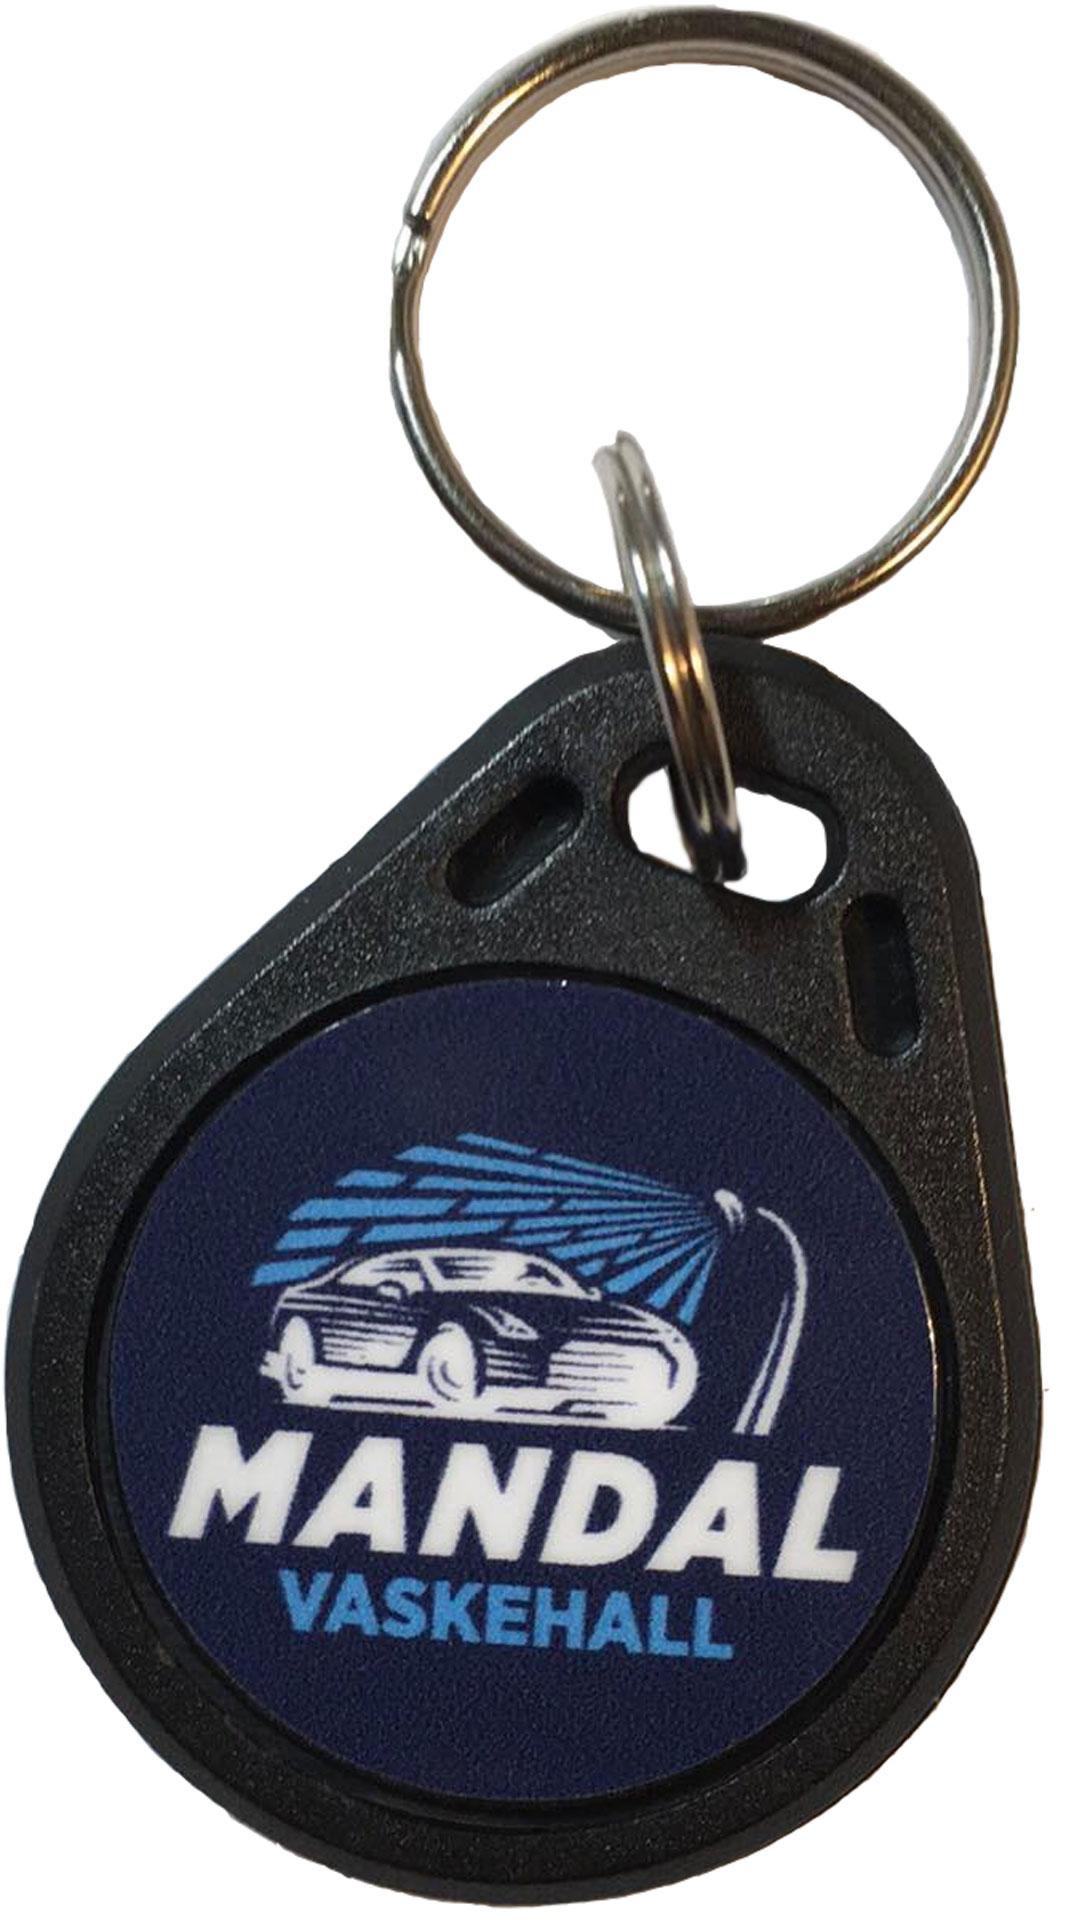 Verdibrikke for Mandal Vaskehall